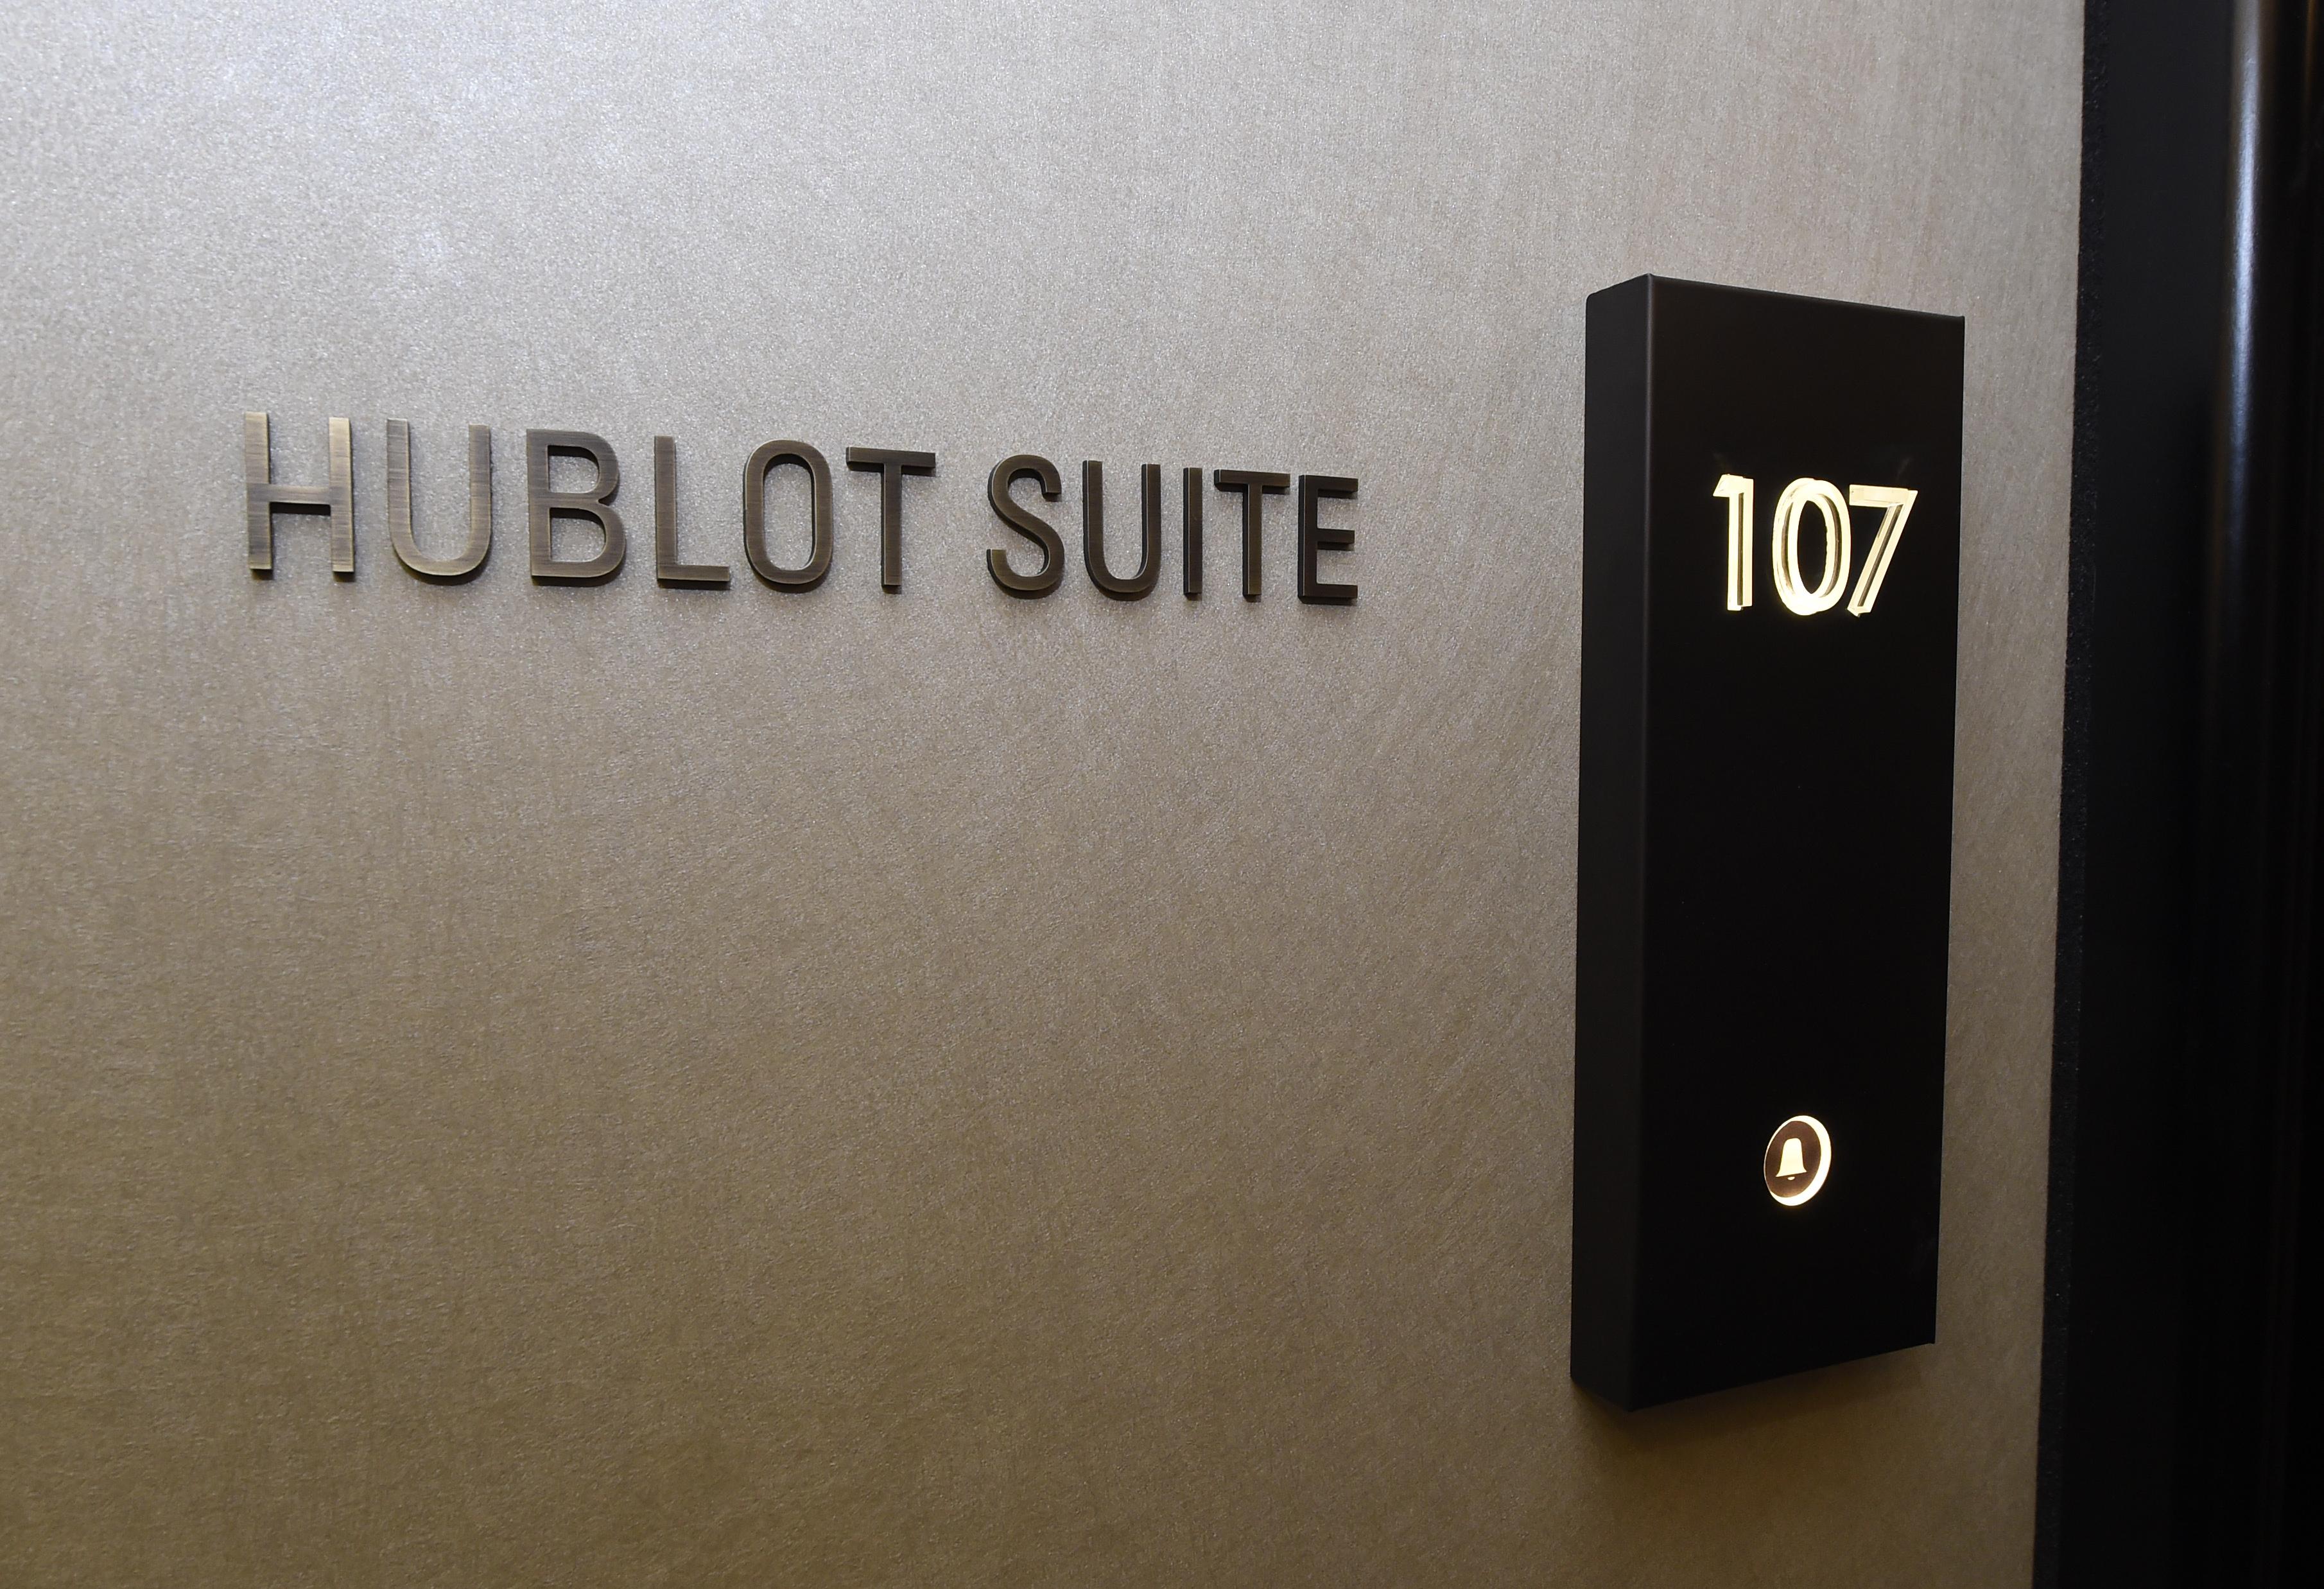 Hublot 107 Suite (12)